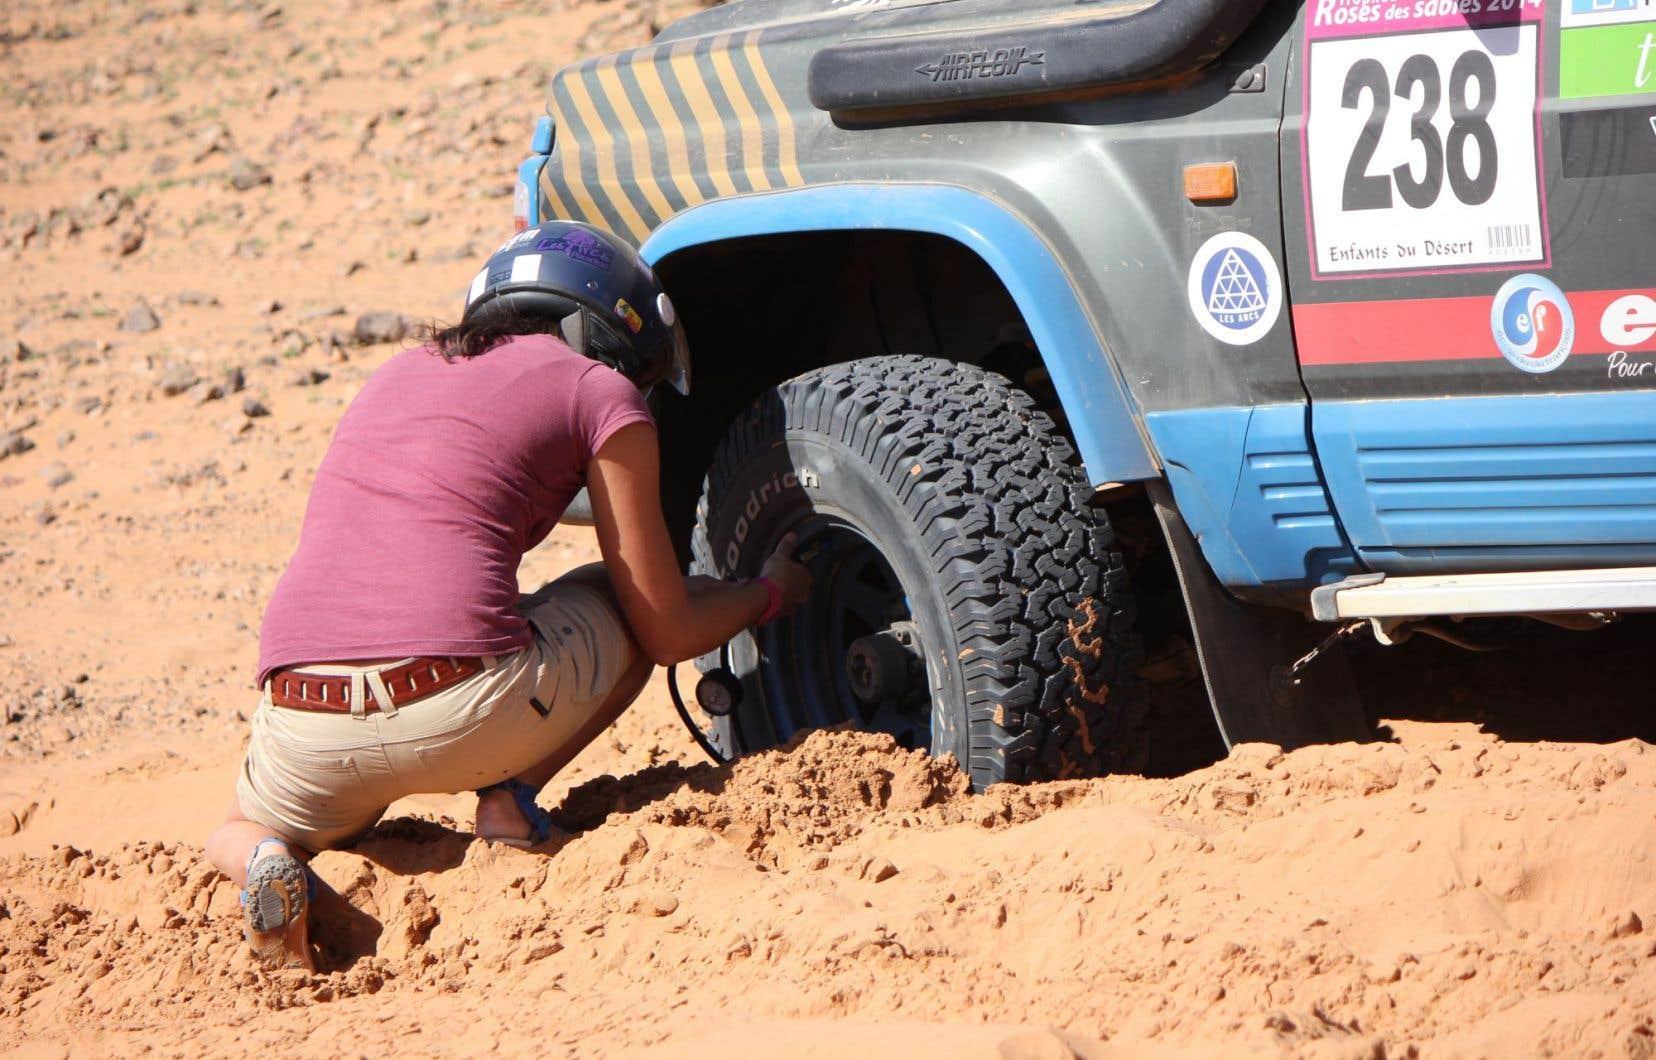 Dans le désert, les Roses font appel au système D. Elles apprennent à la dure les rudiments de la mécanique et développent rapidement une expertise pour se dépêtrer.